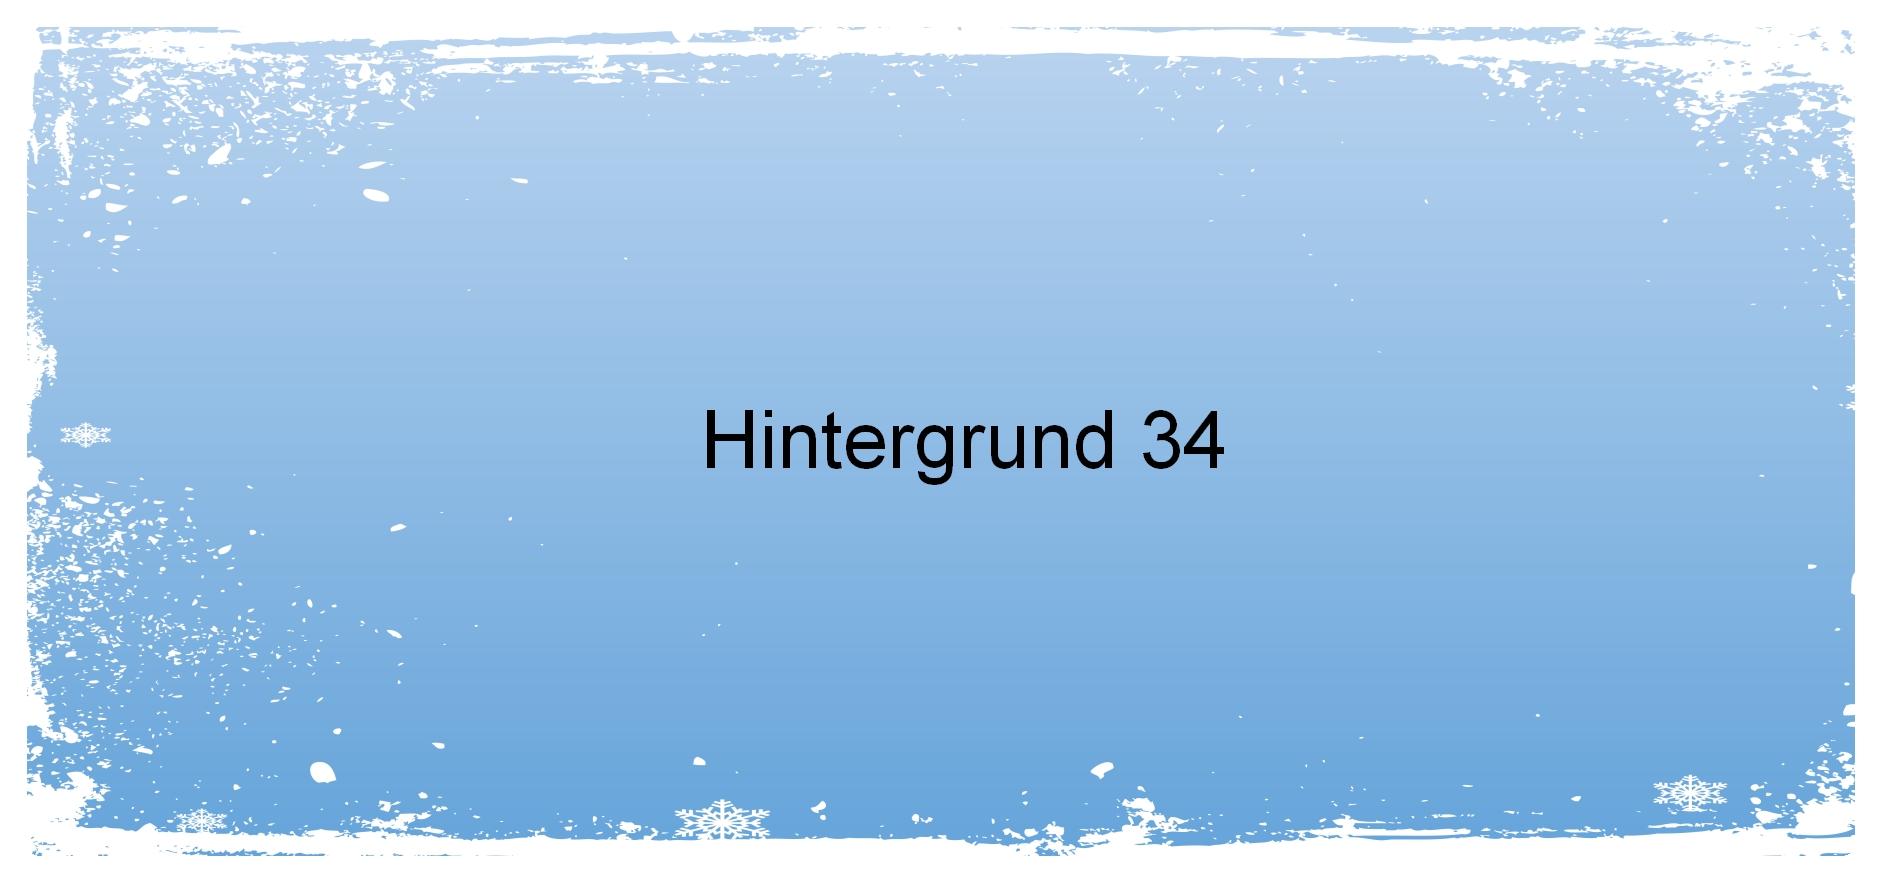 Hintergrund 34